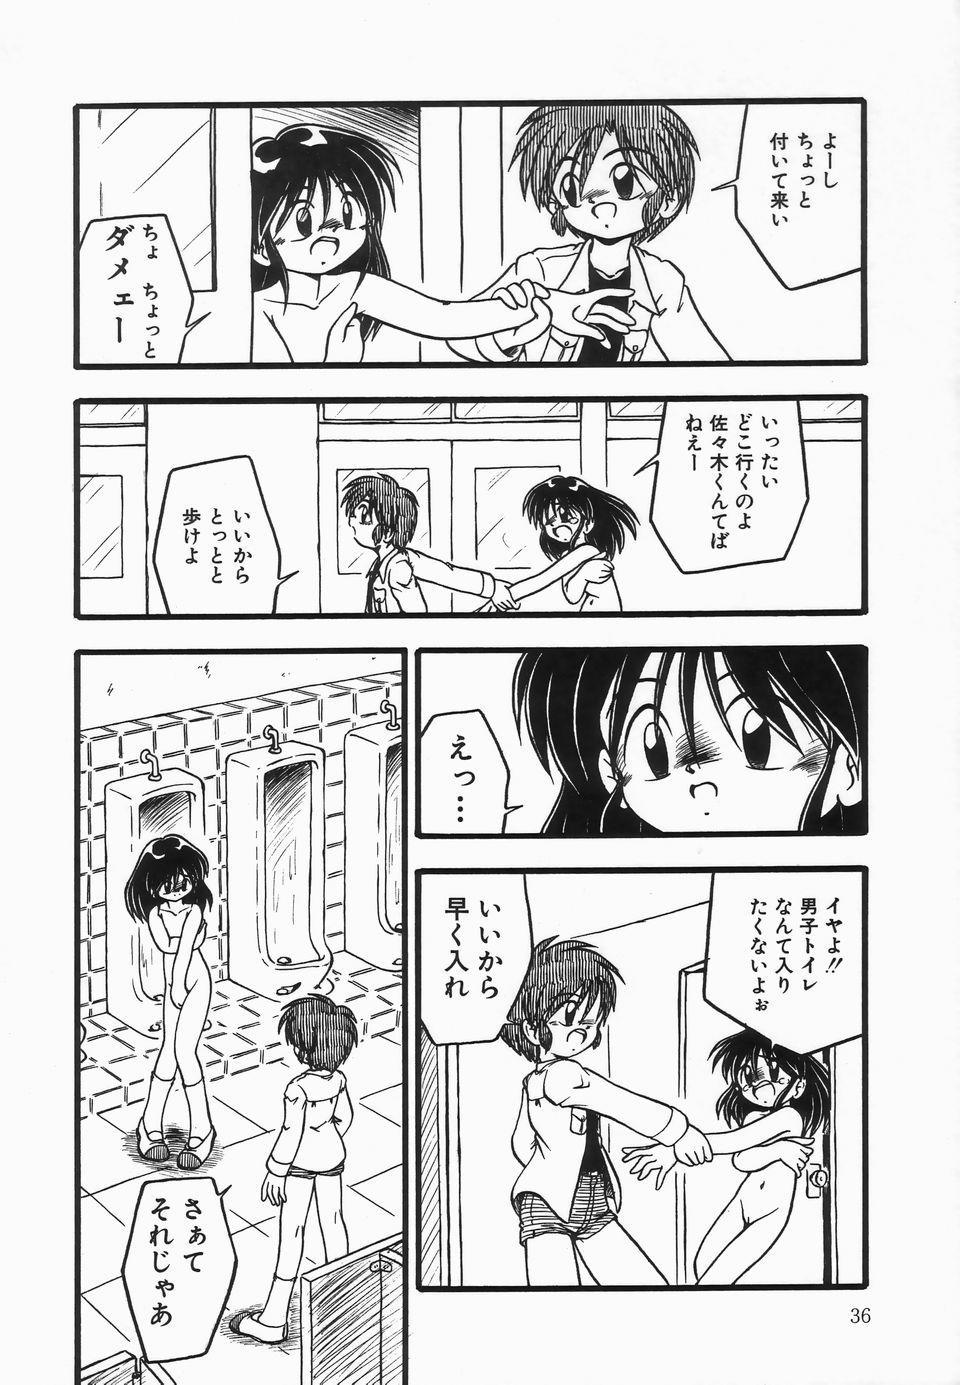 Kanchou Shoujo - Enema Girl 39